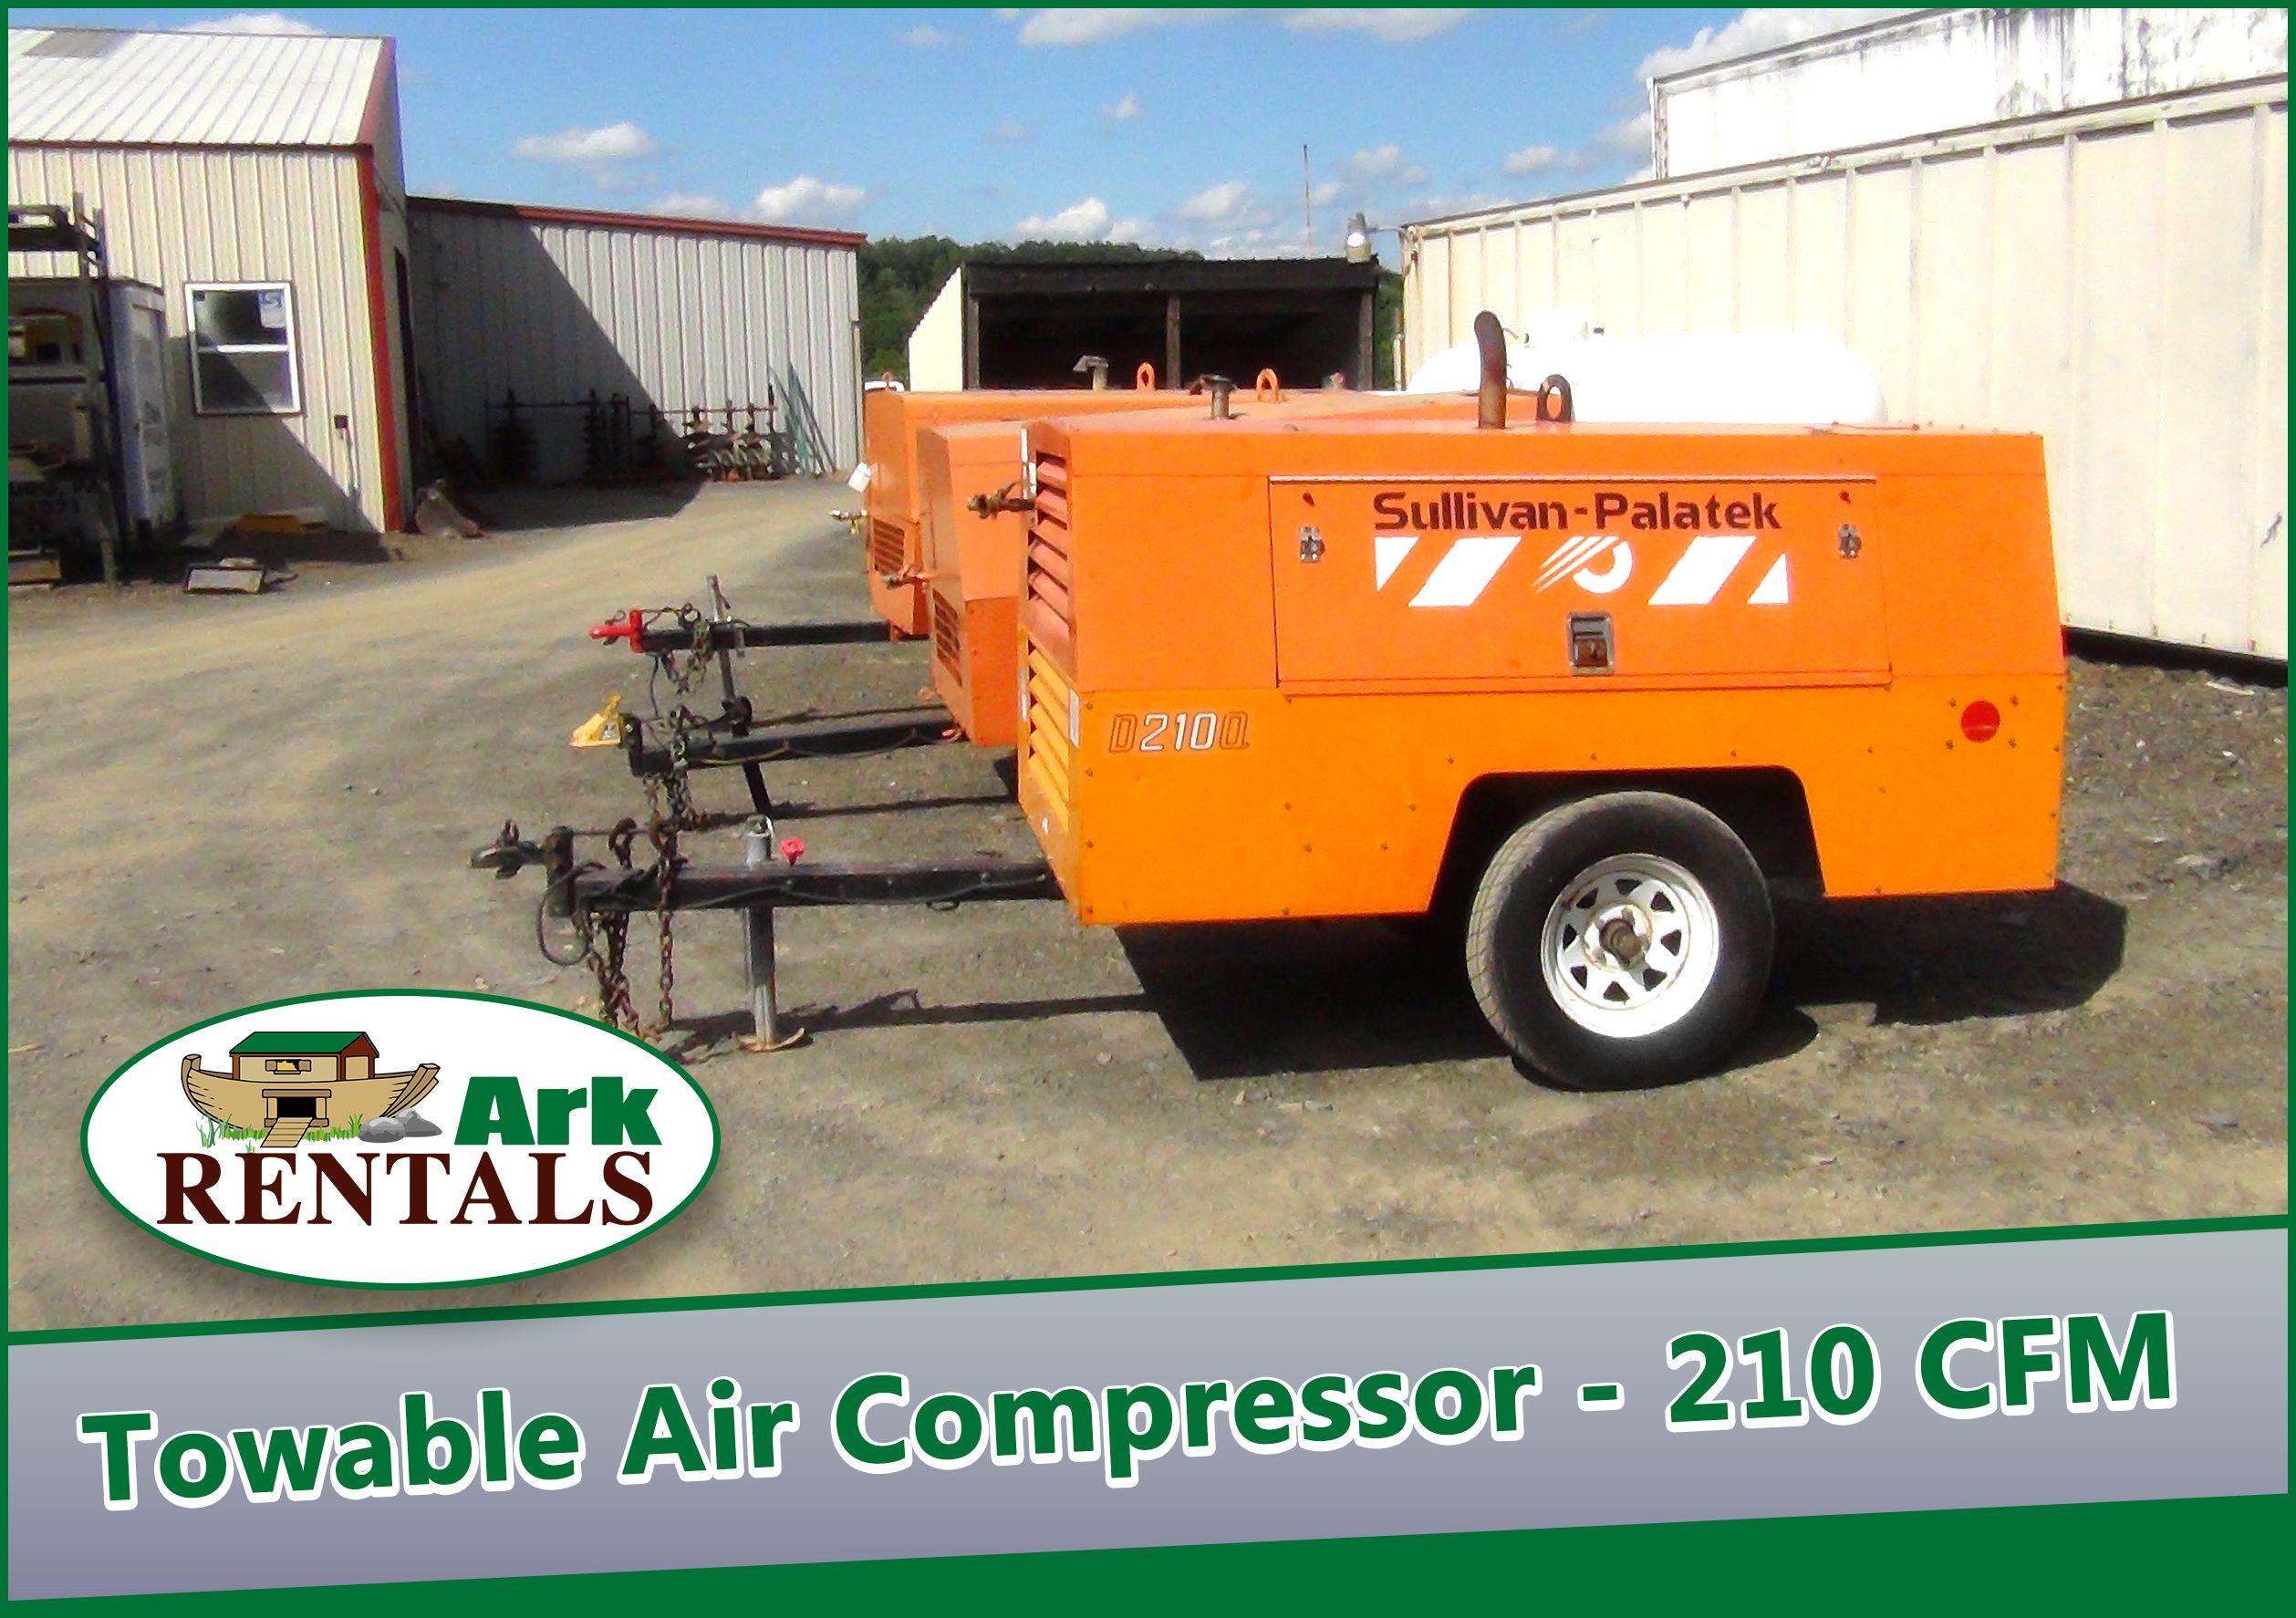 Rent a Towable Air Compressor 210 CFM 4 Hours 77.50